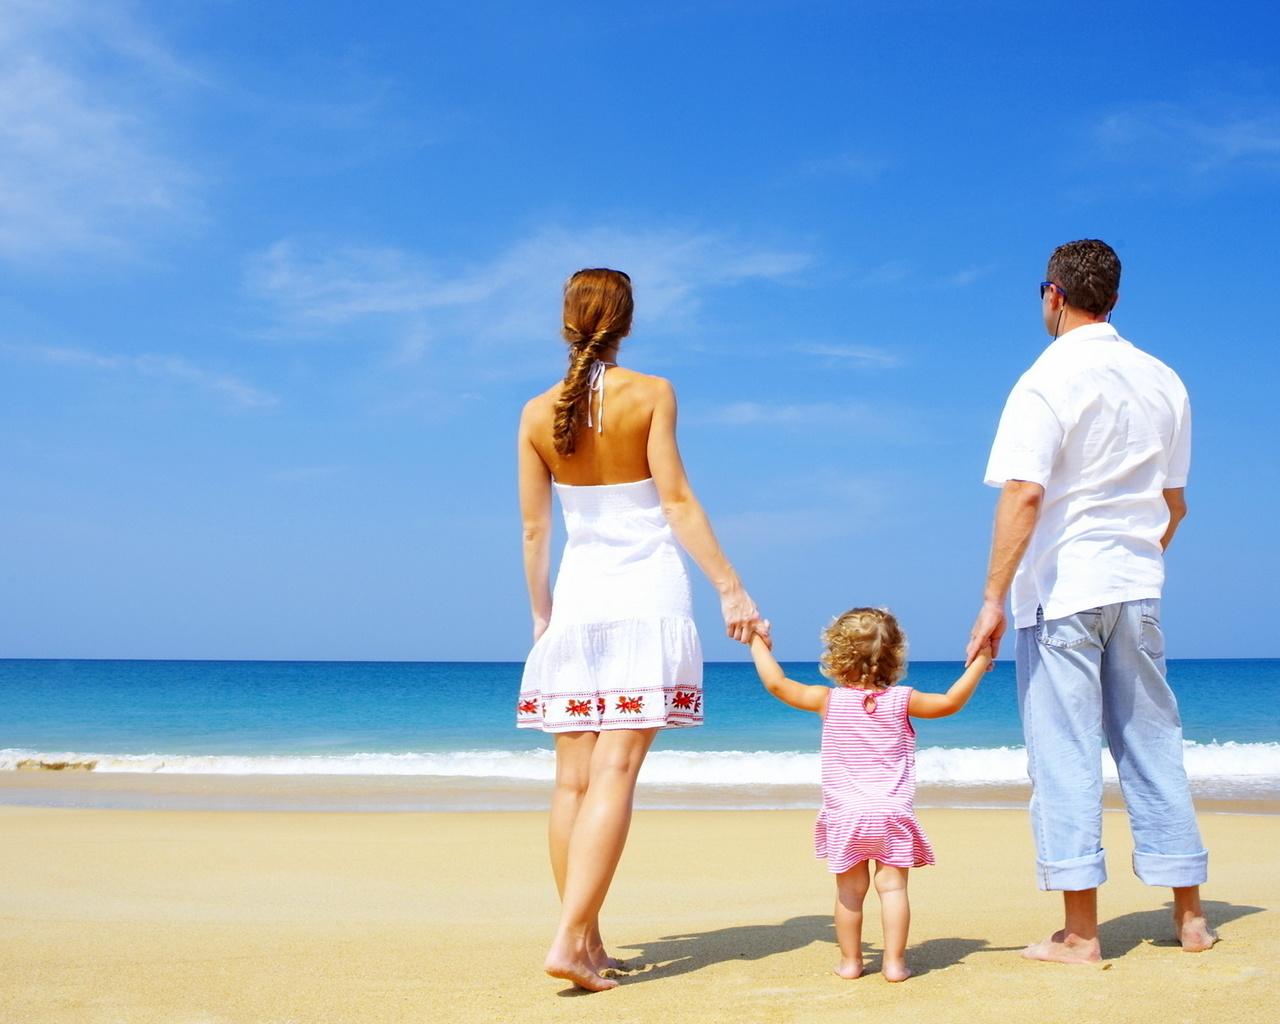 Семья любовь красиво берег песок